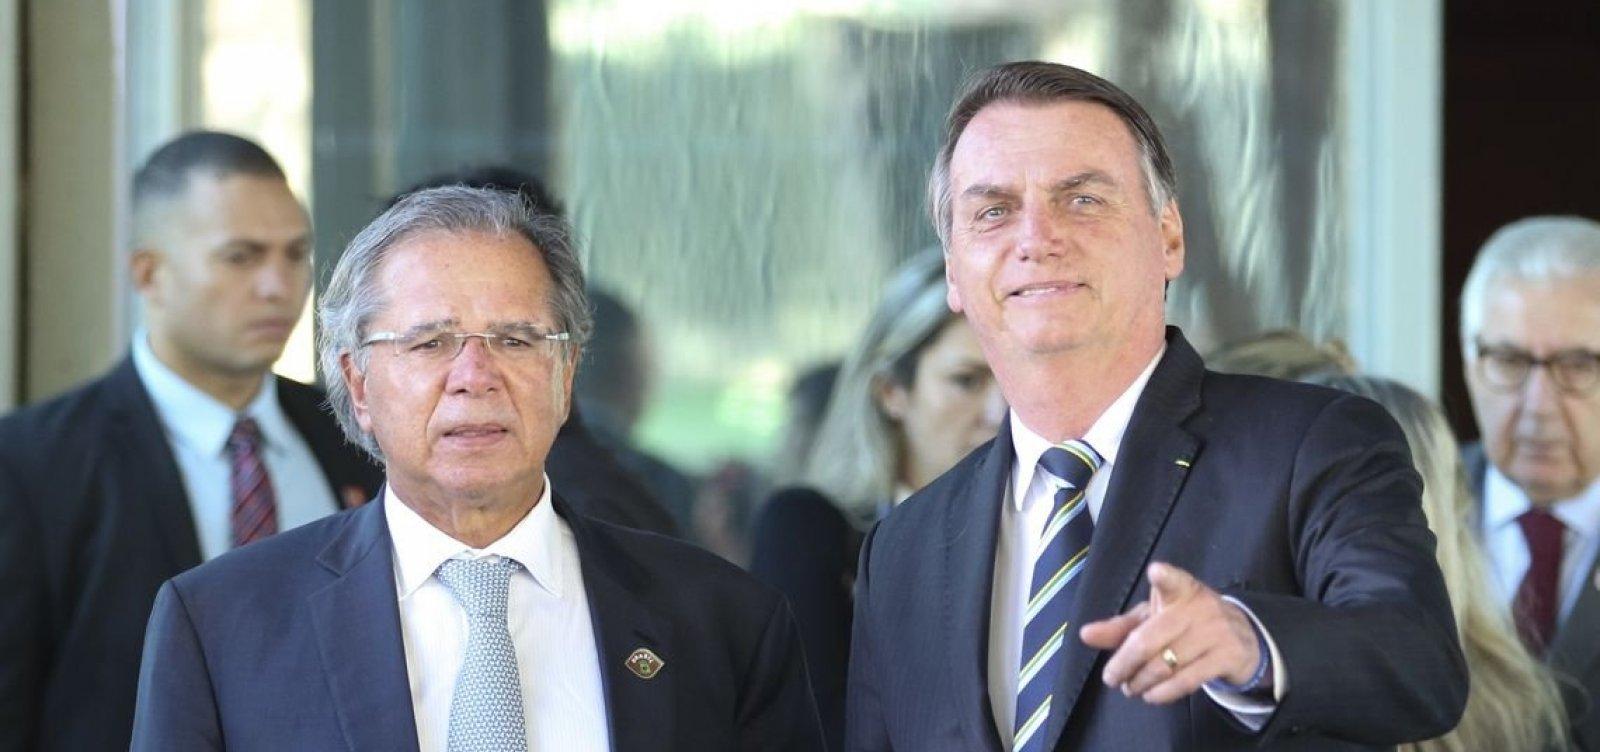 ['É tudo um time só', diz Bolsonaro sobre atritos entre alas militar e olavista]